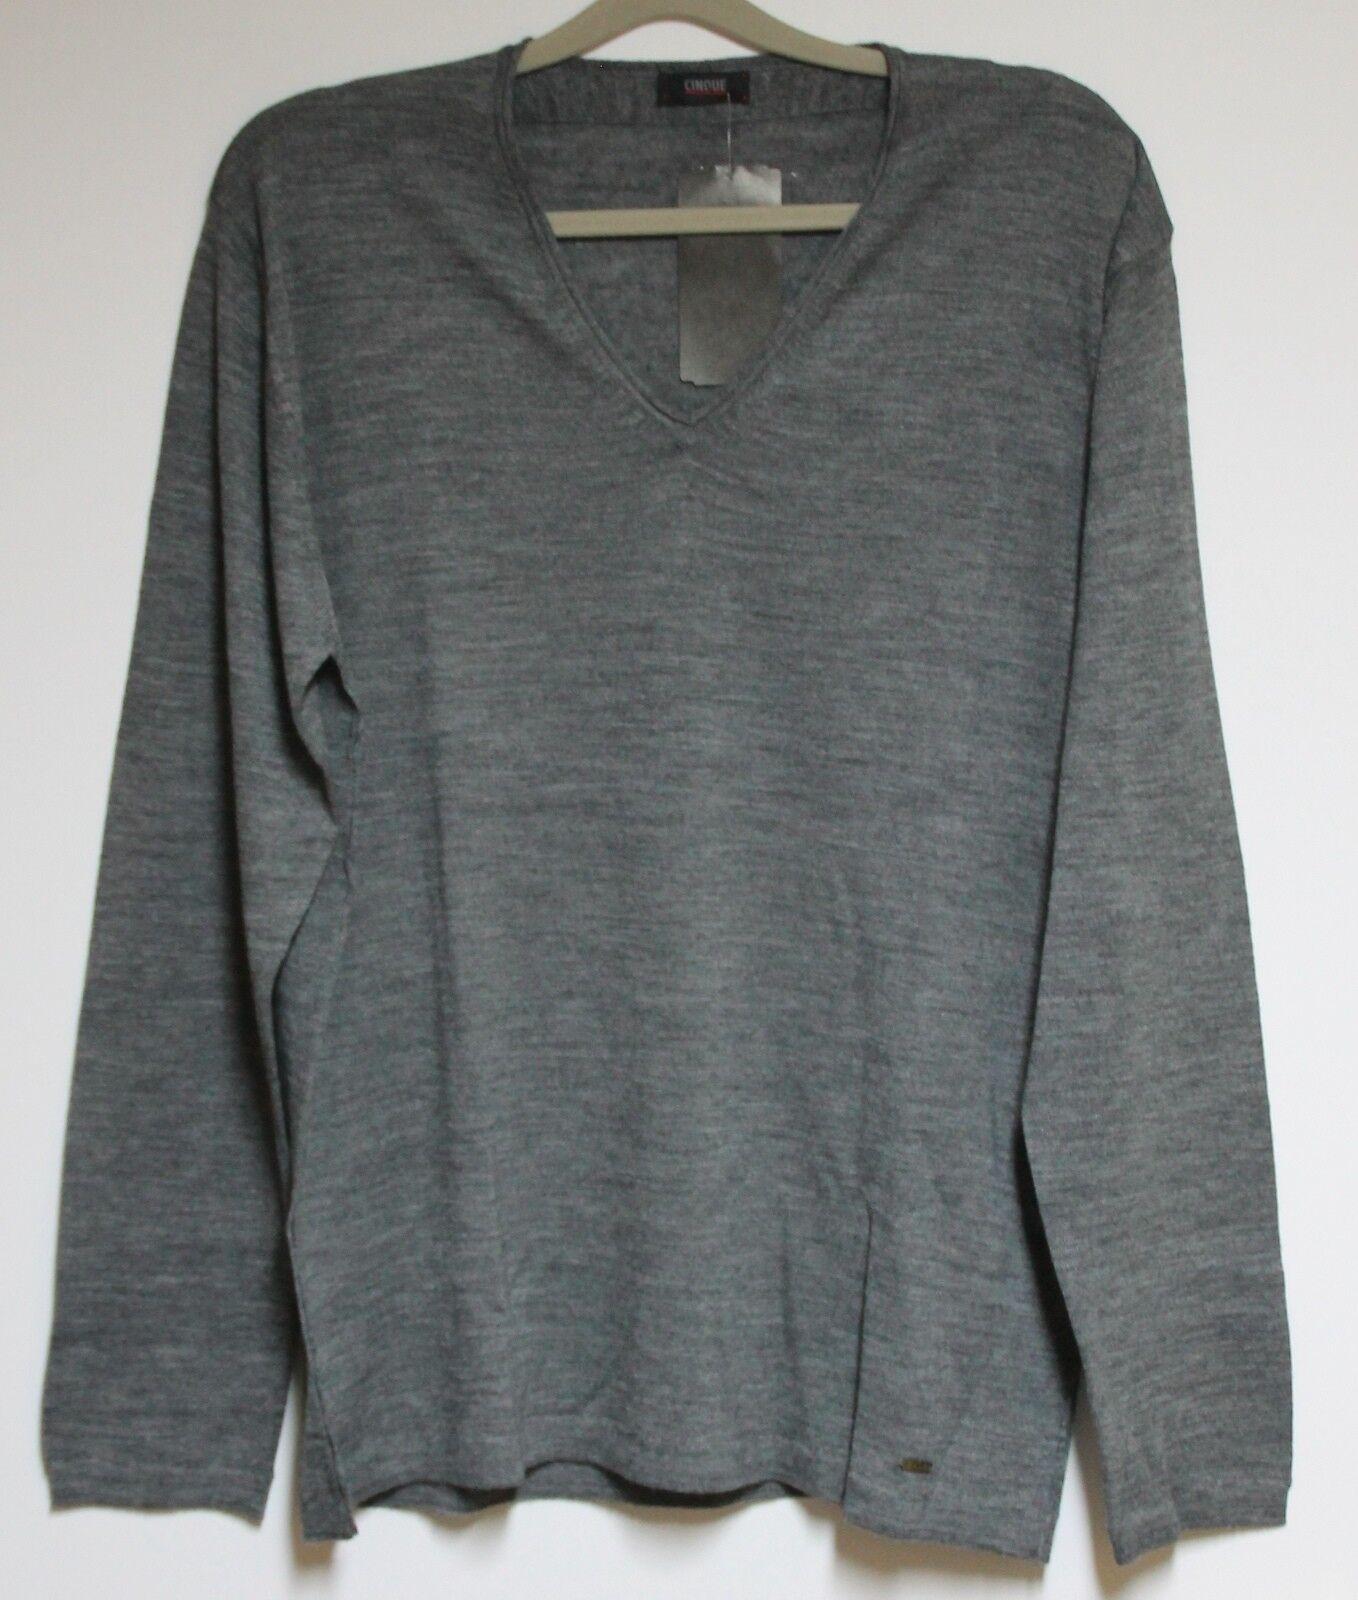 CINQUE Strick Pullover Cirieti Herren in Grau  Größe XL  Neu mit Etikett